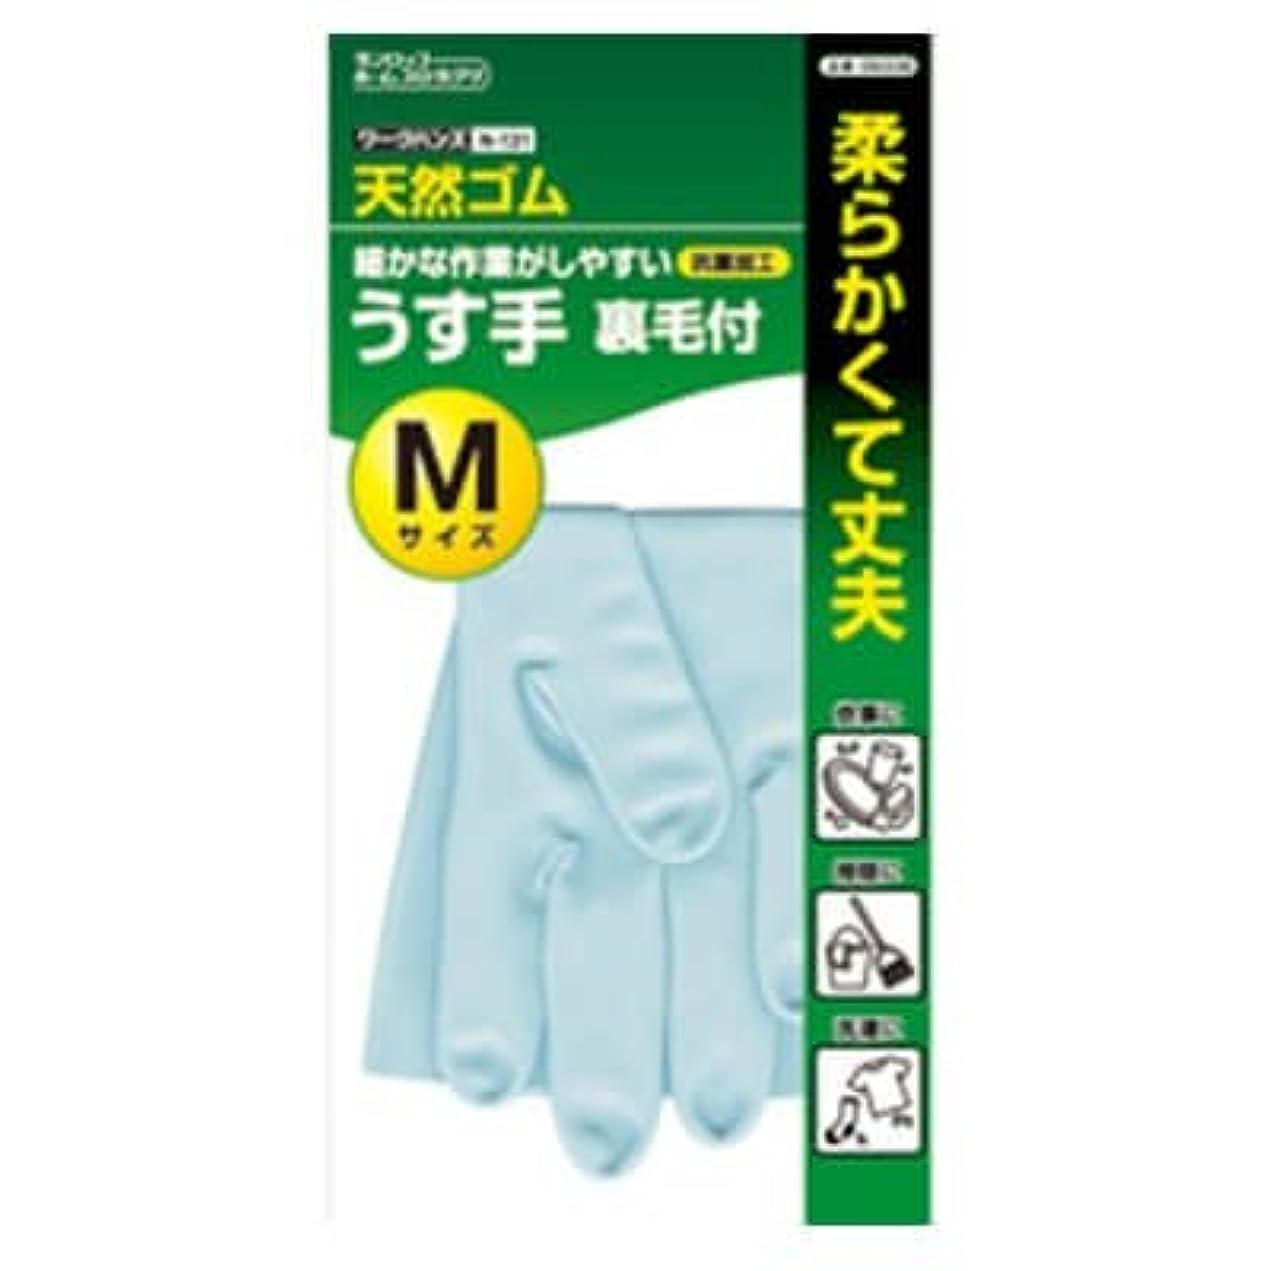 レーザ典型的なロープ【ケース販売】 ダンロップ ワークハンズ N-131 天然ゴムうす手 M ブルー (10双×24袋)